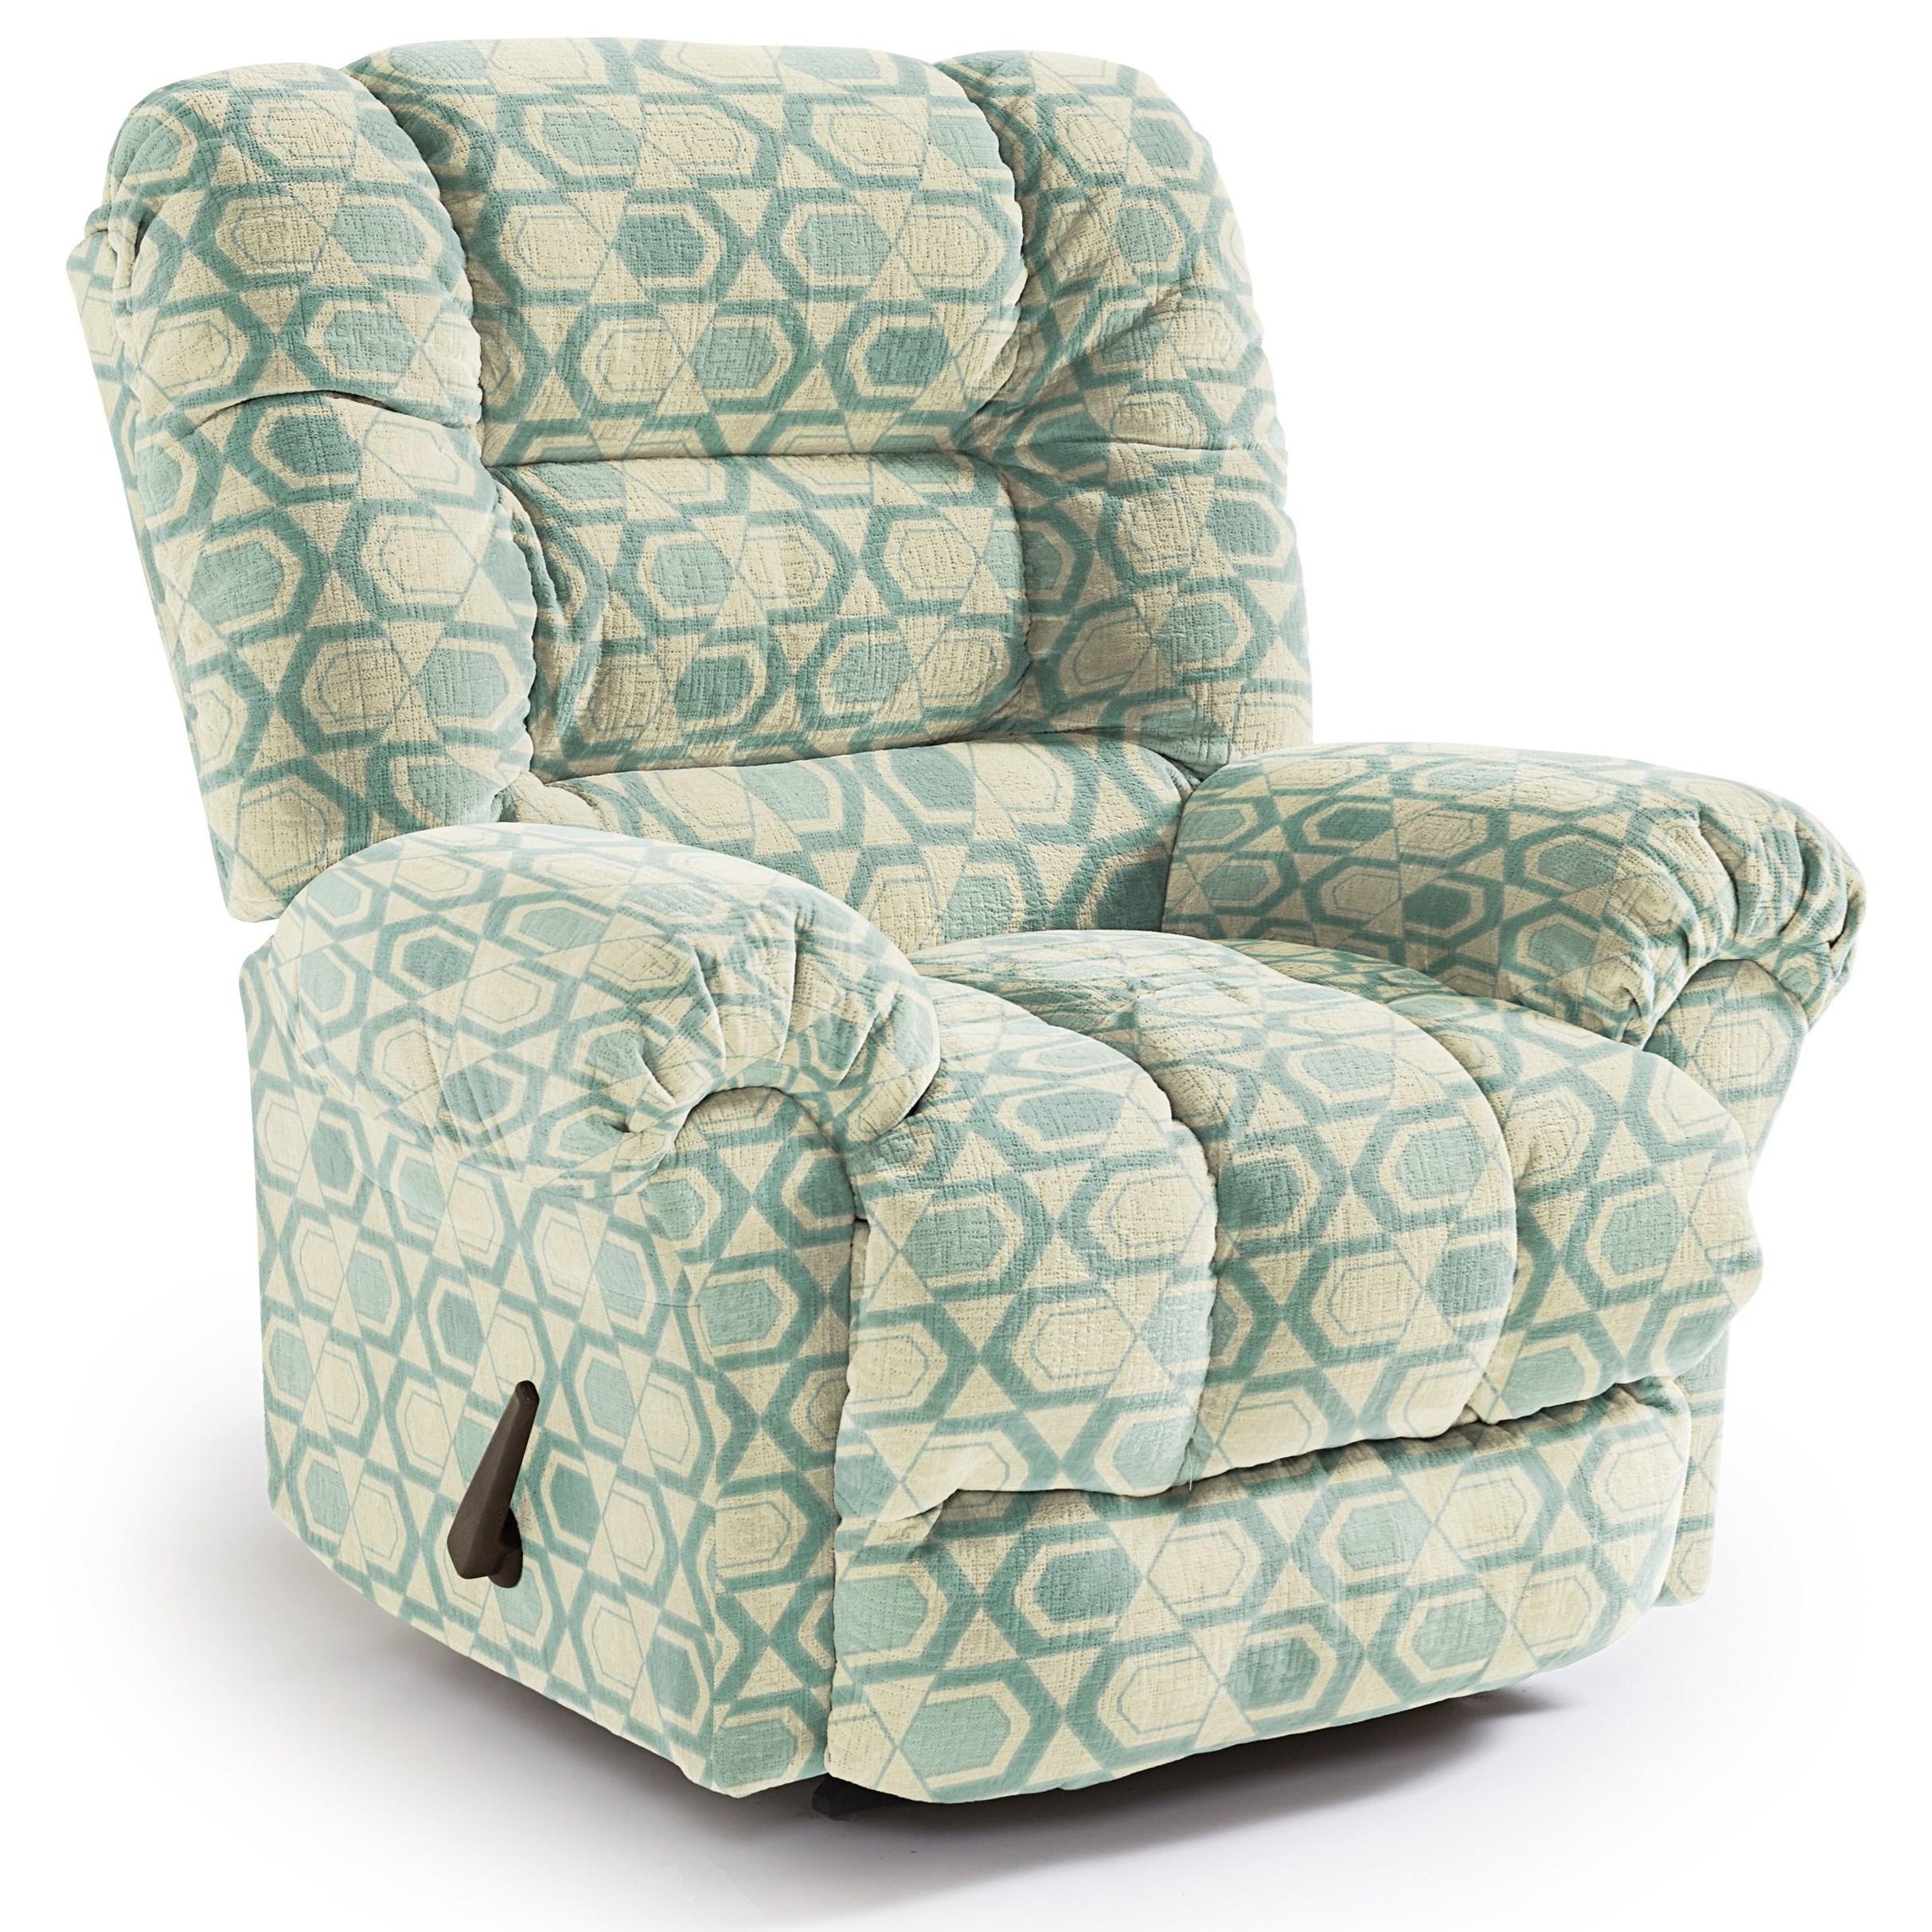 Medium Recliners Seger Wallhugger Recliner by Best Home Furnishings at Lucas Furniture & Mattress